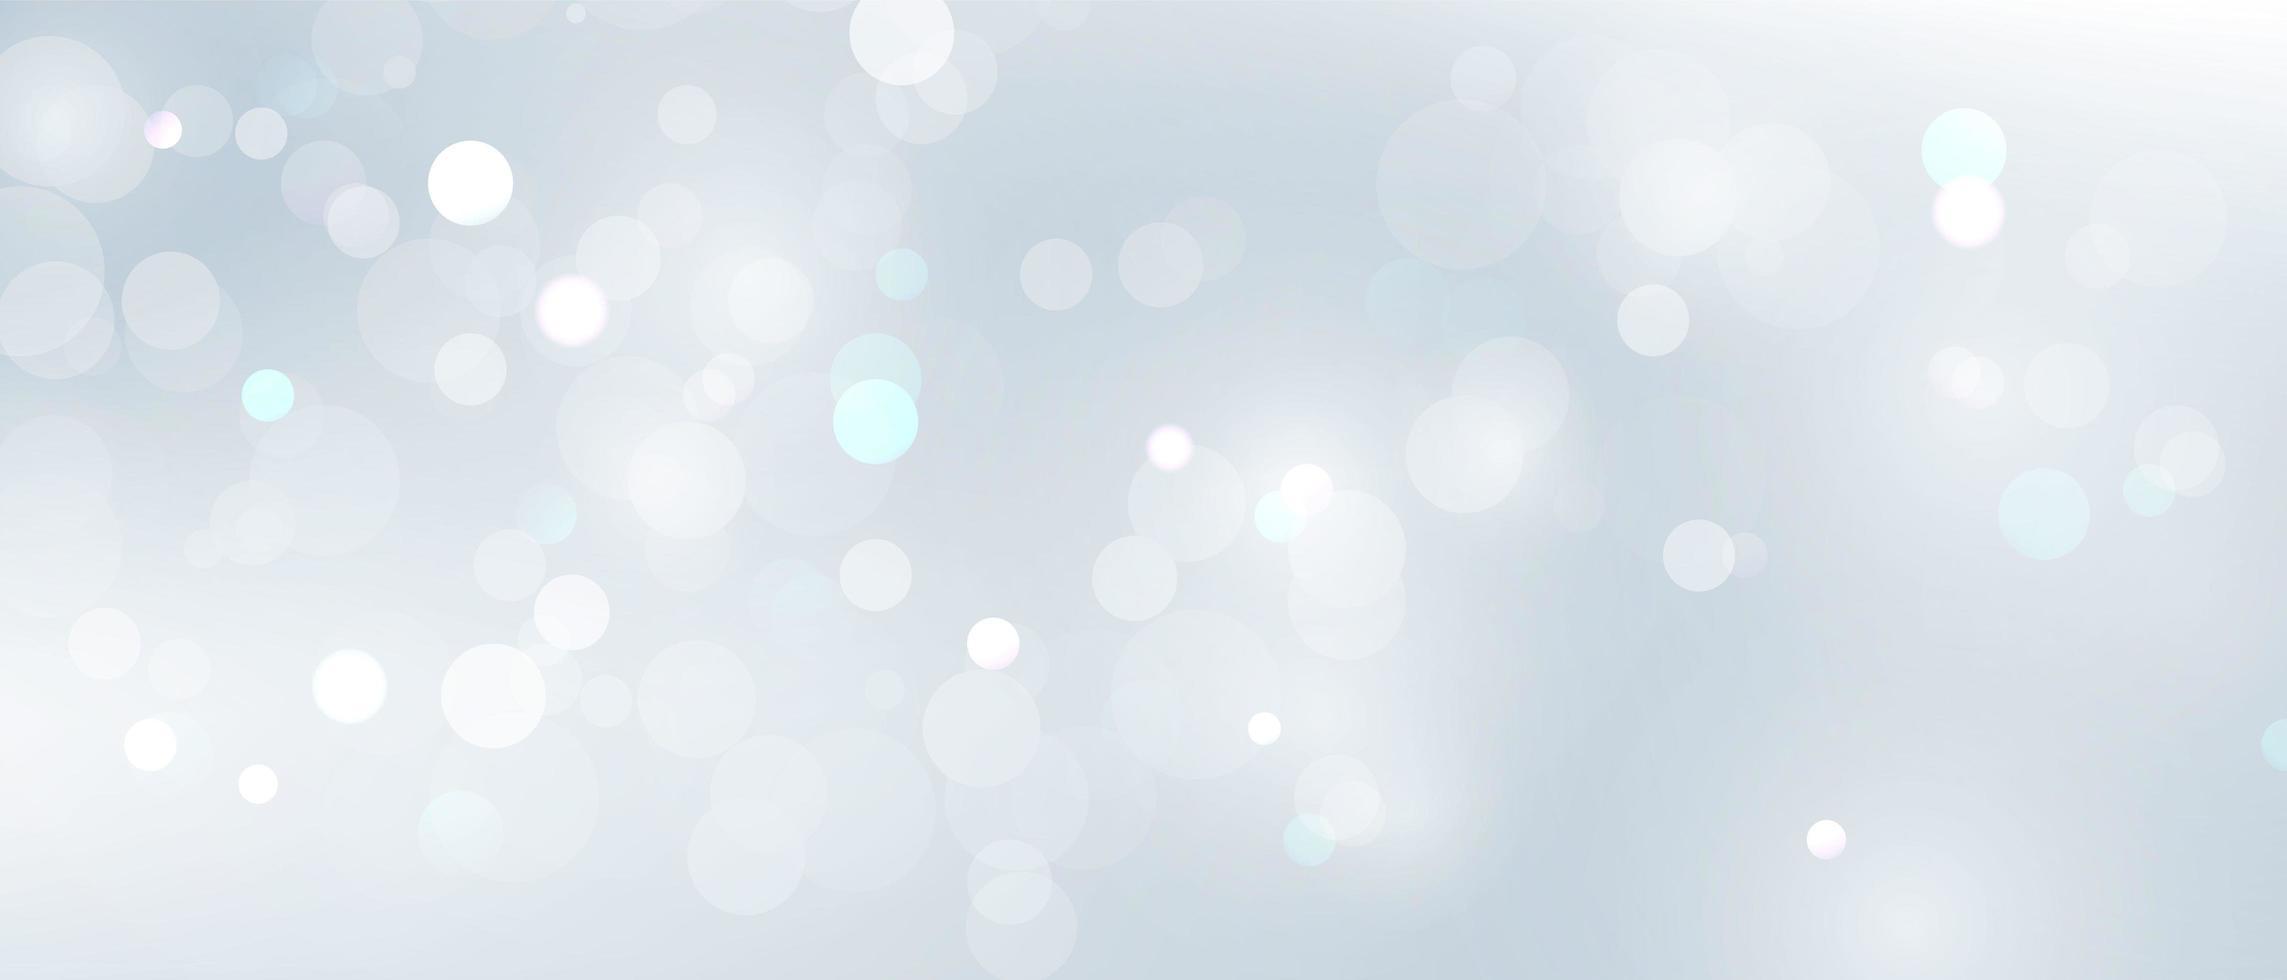 elemento de luz desfocada abstrato que pode ser usado para o fundo do bokeh da decoração da capa vetor